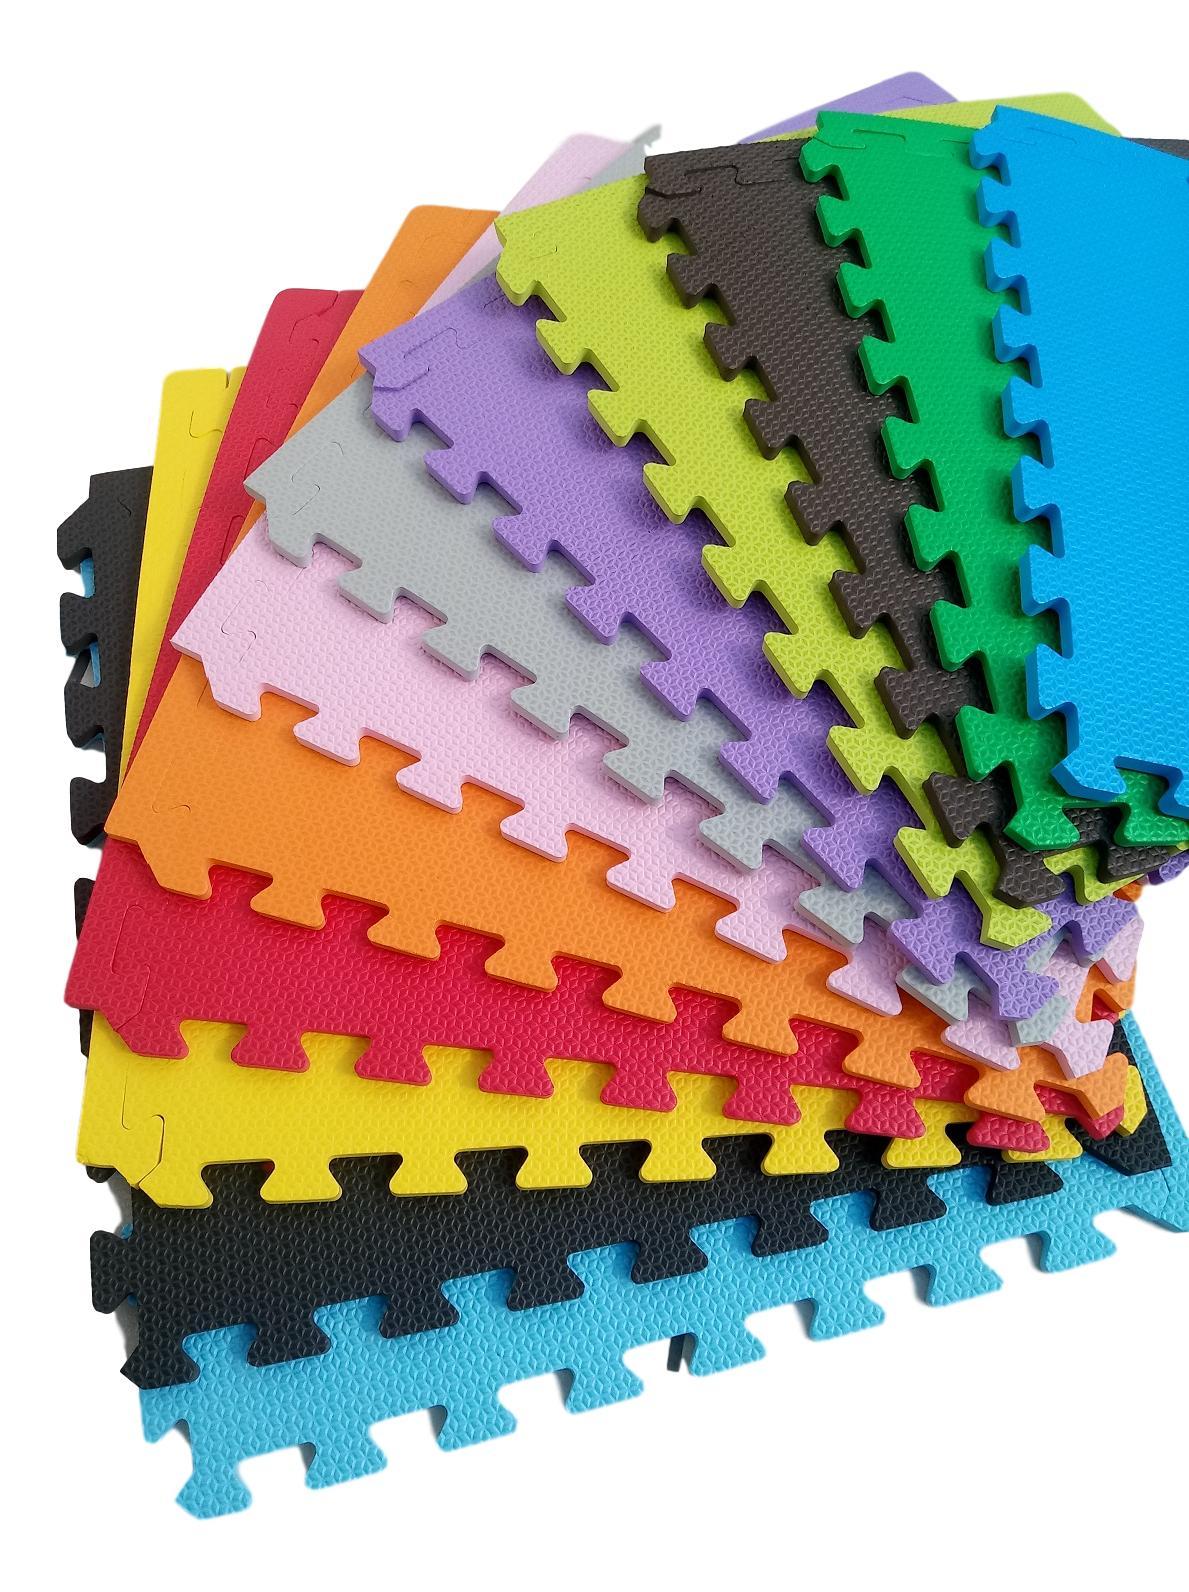 Kit 10 Tapetes Tatames Coloridos EVA 50 x 50 x 2cm com Borda